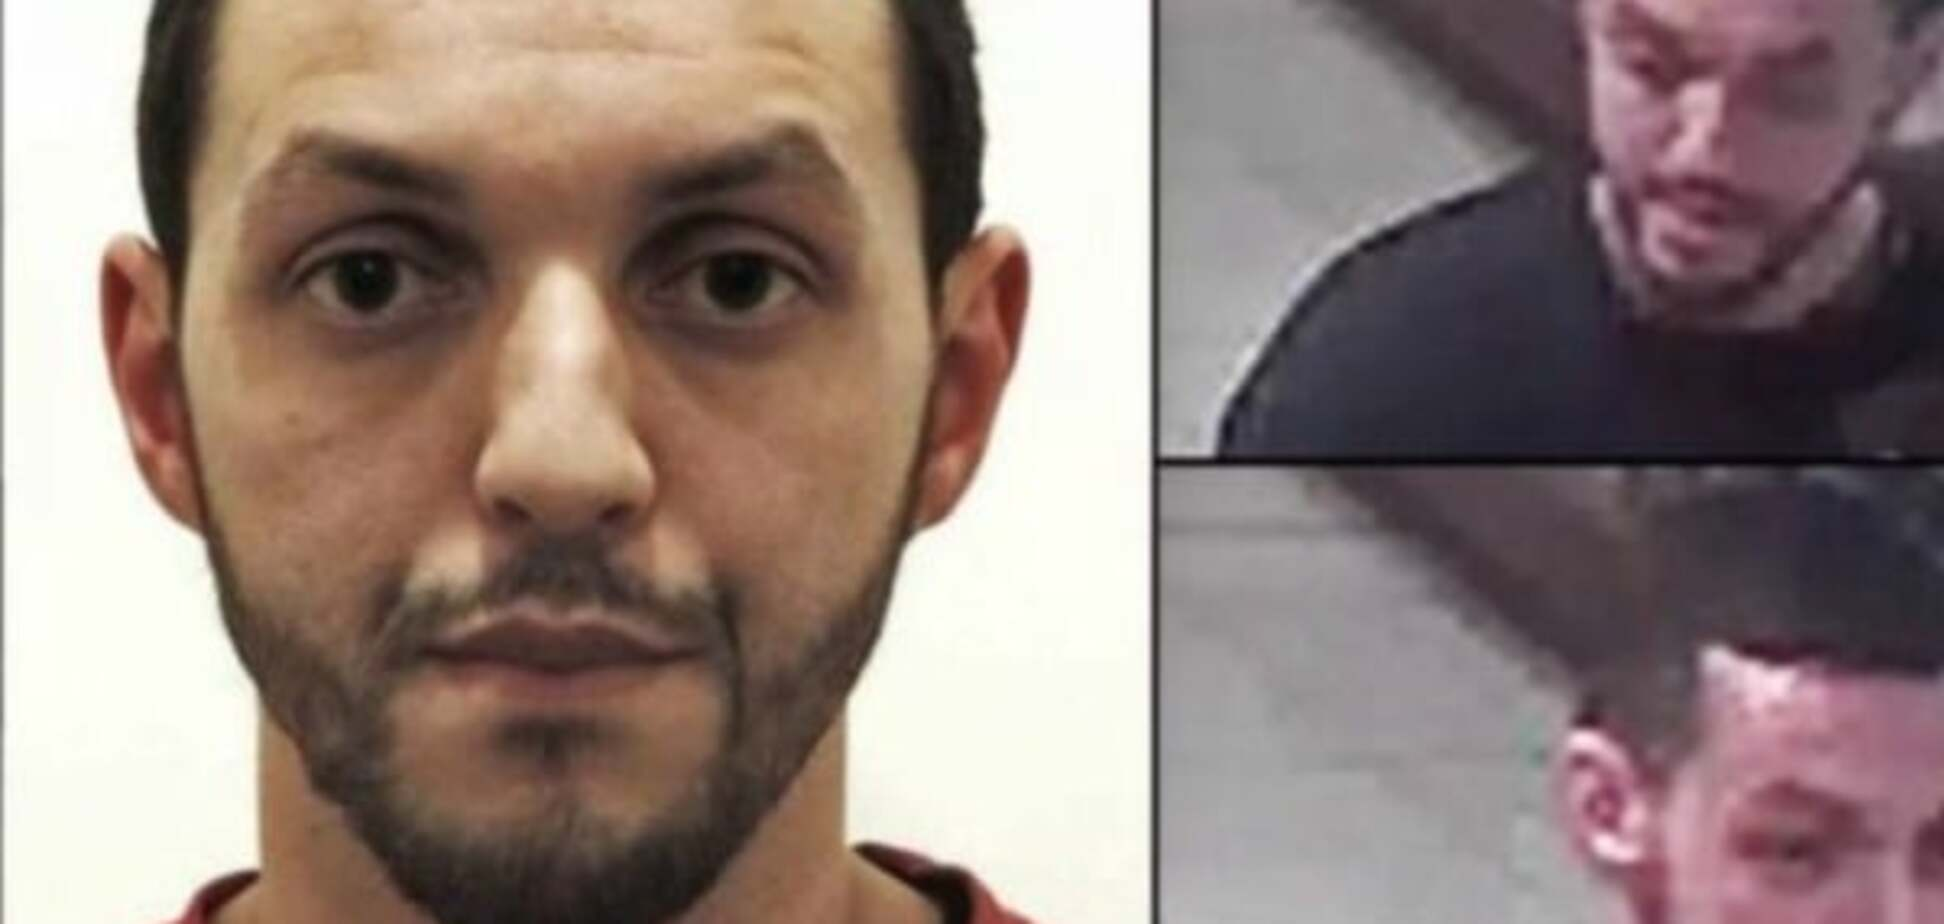 У Бельгії затримали спільника організаторів терактів у Парижі та Брюсселі